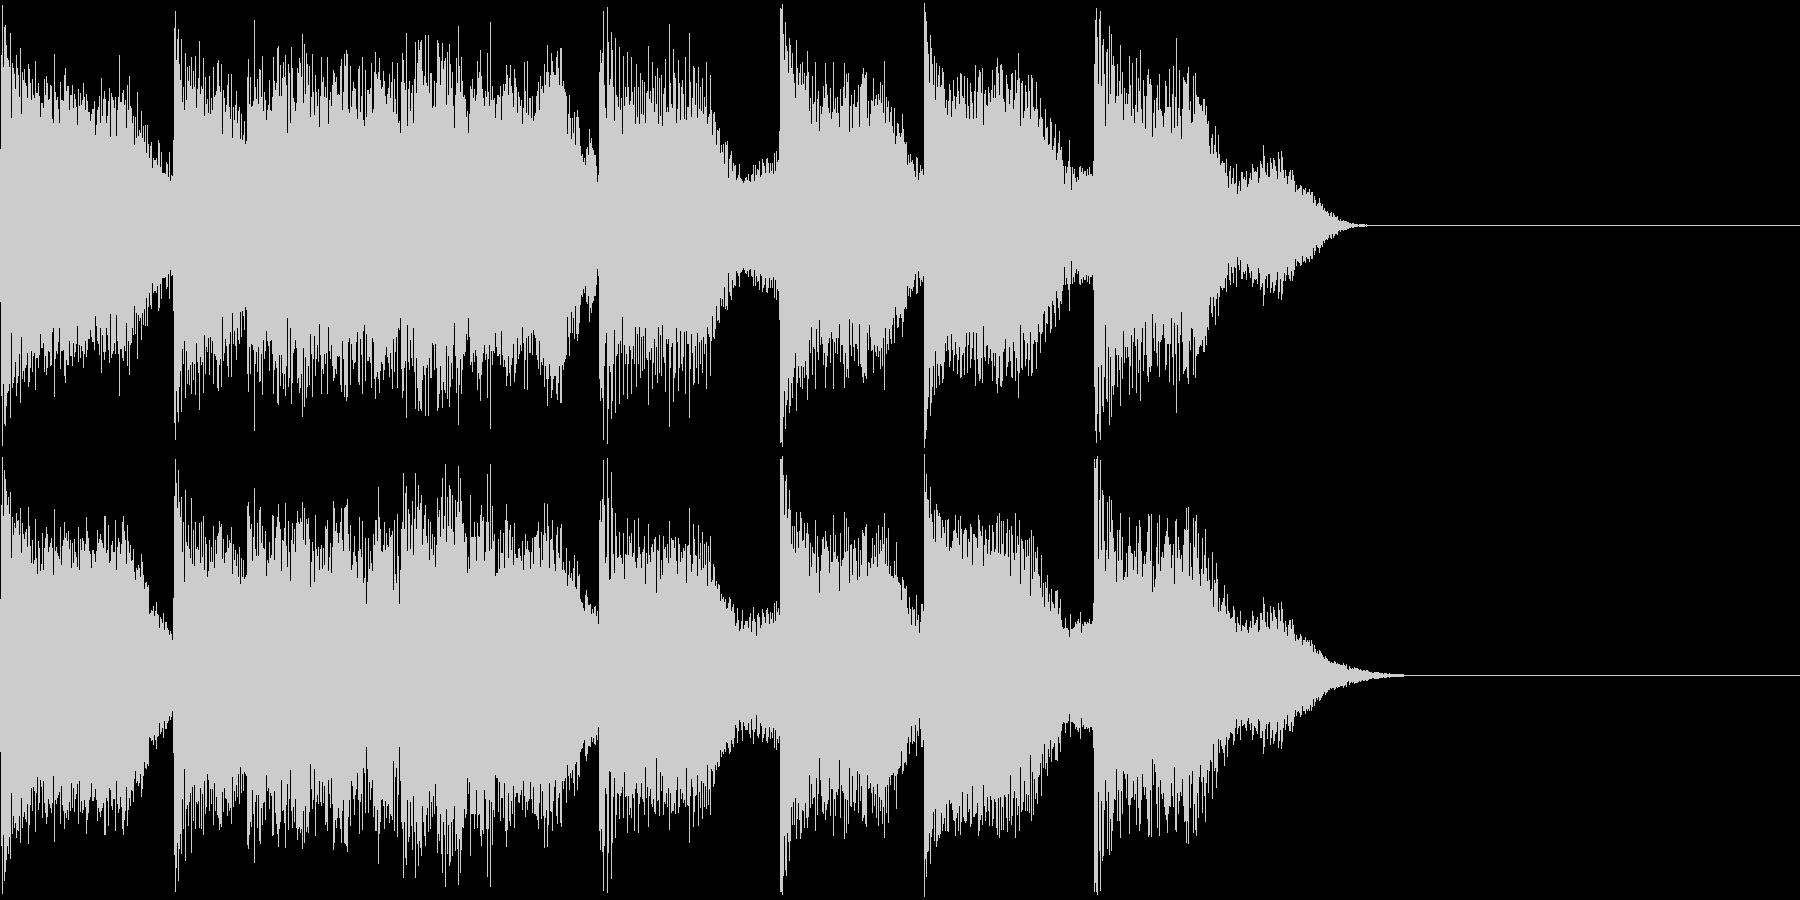 AI メカ/ロボ/マシン動作音 37の未再生の波形